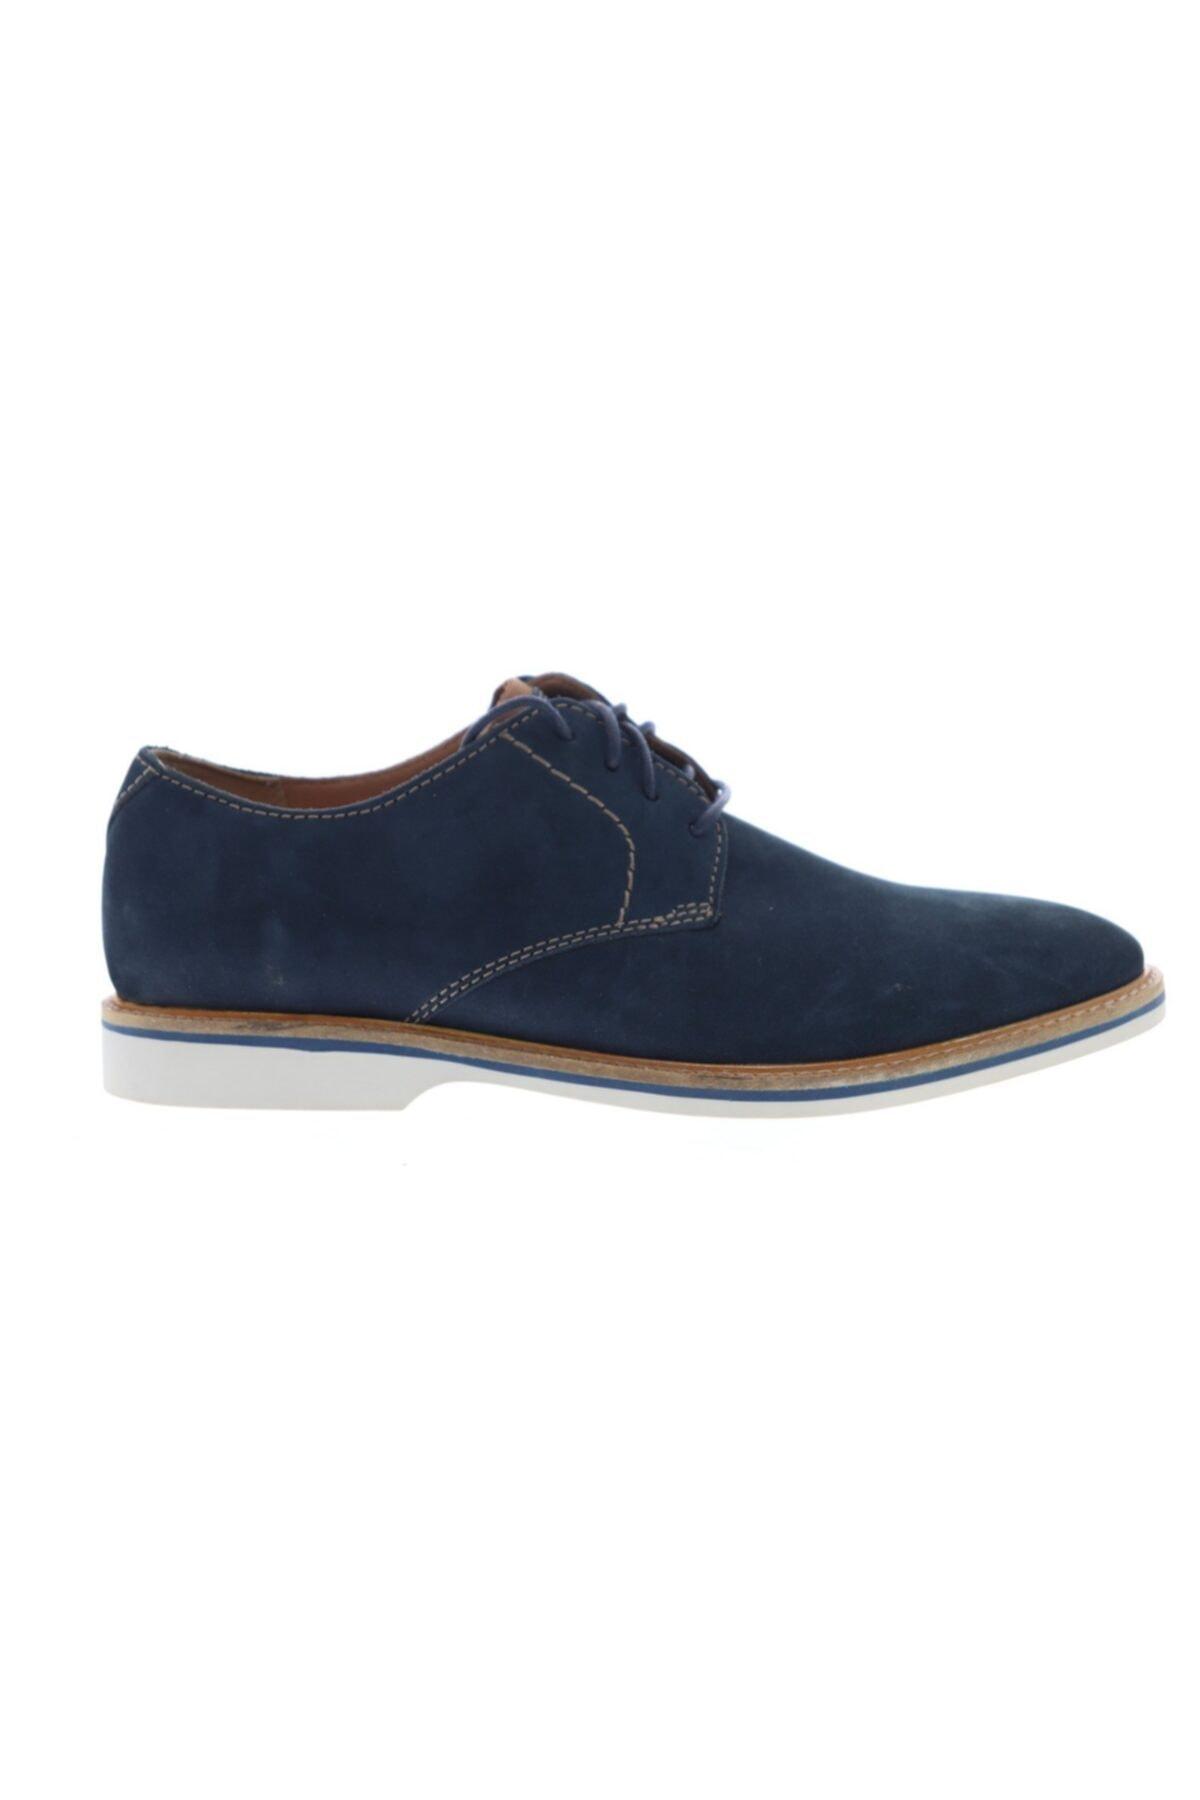 CLARKS Erkek Mavi Ayakkabı 26131819 1